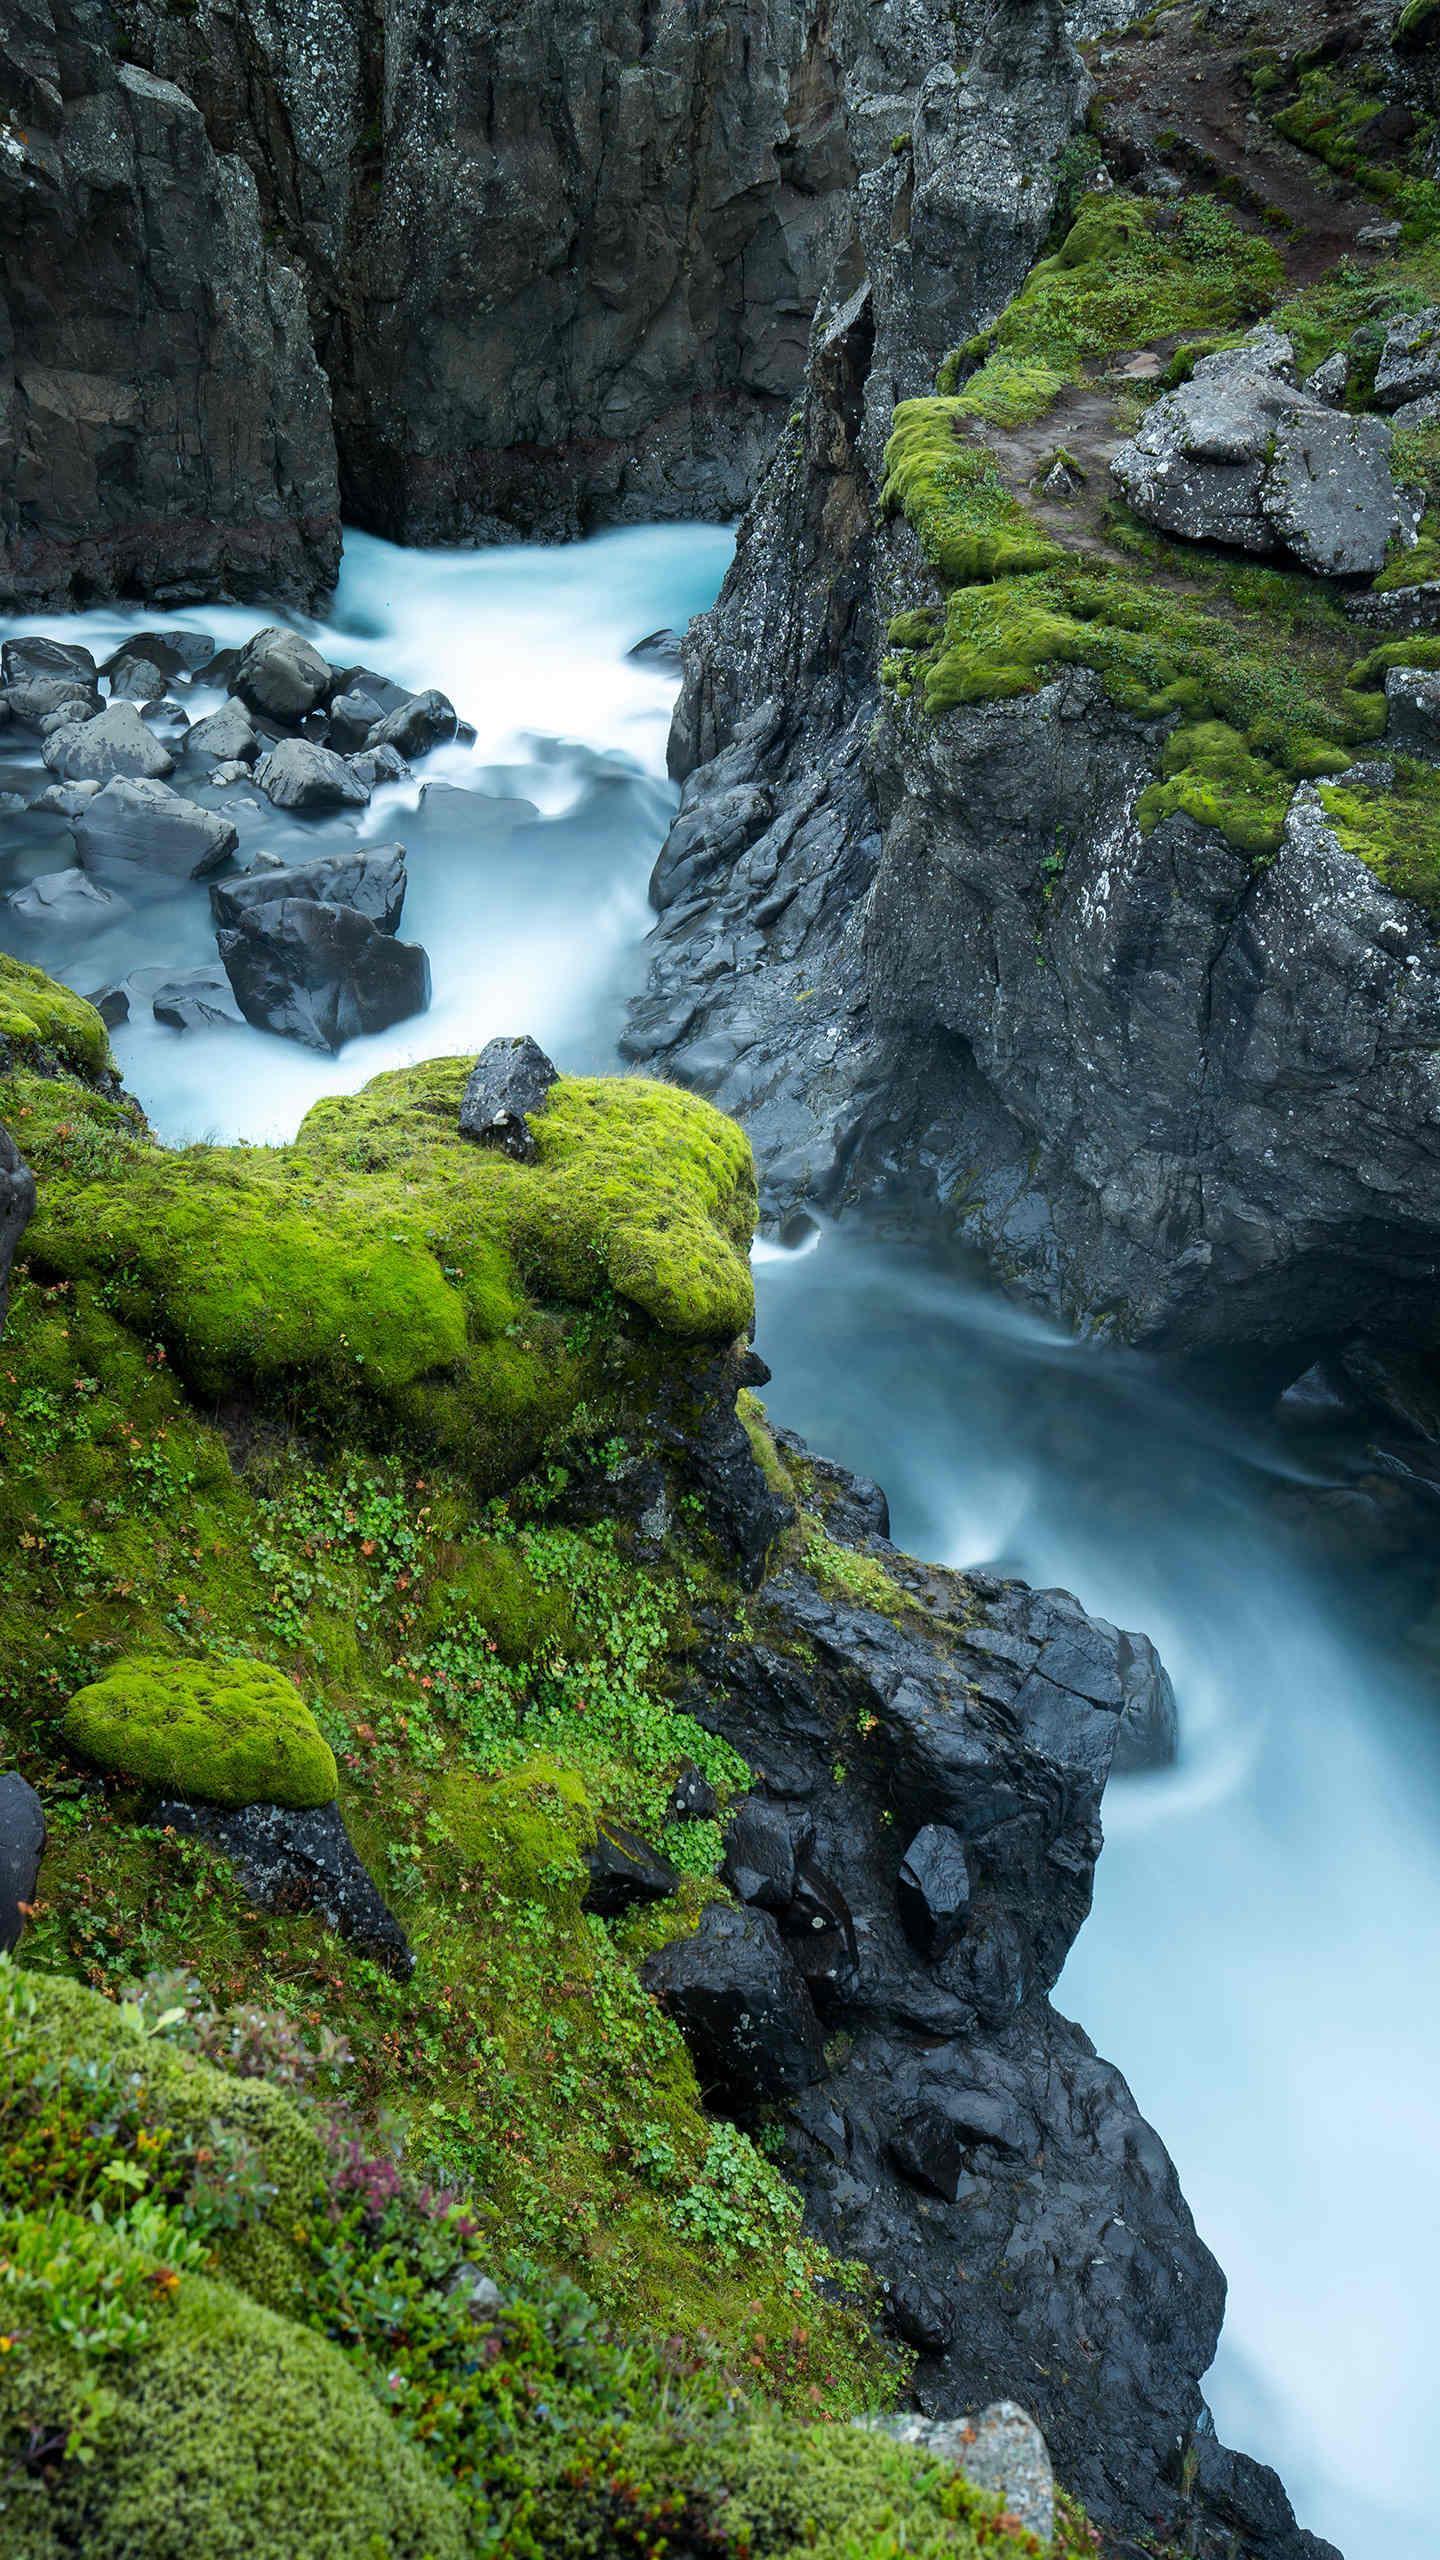 壁纸 风景 山水 桌面 1440_2560 竖版 竖屏 手机